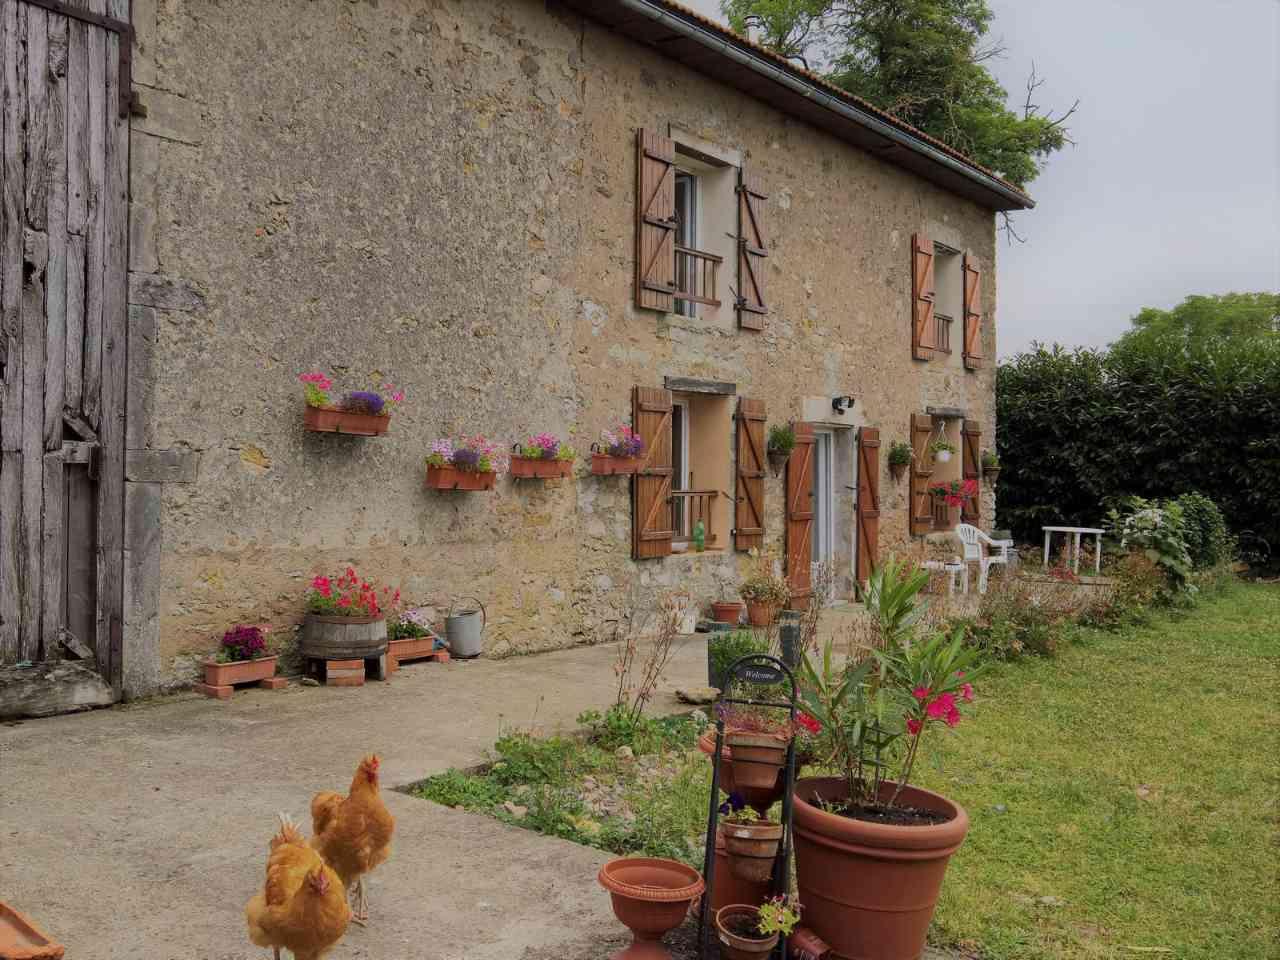 franzoesischer landhausstil ansicht